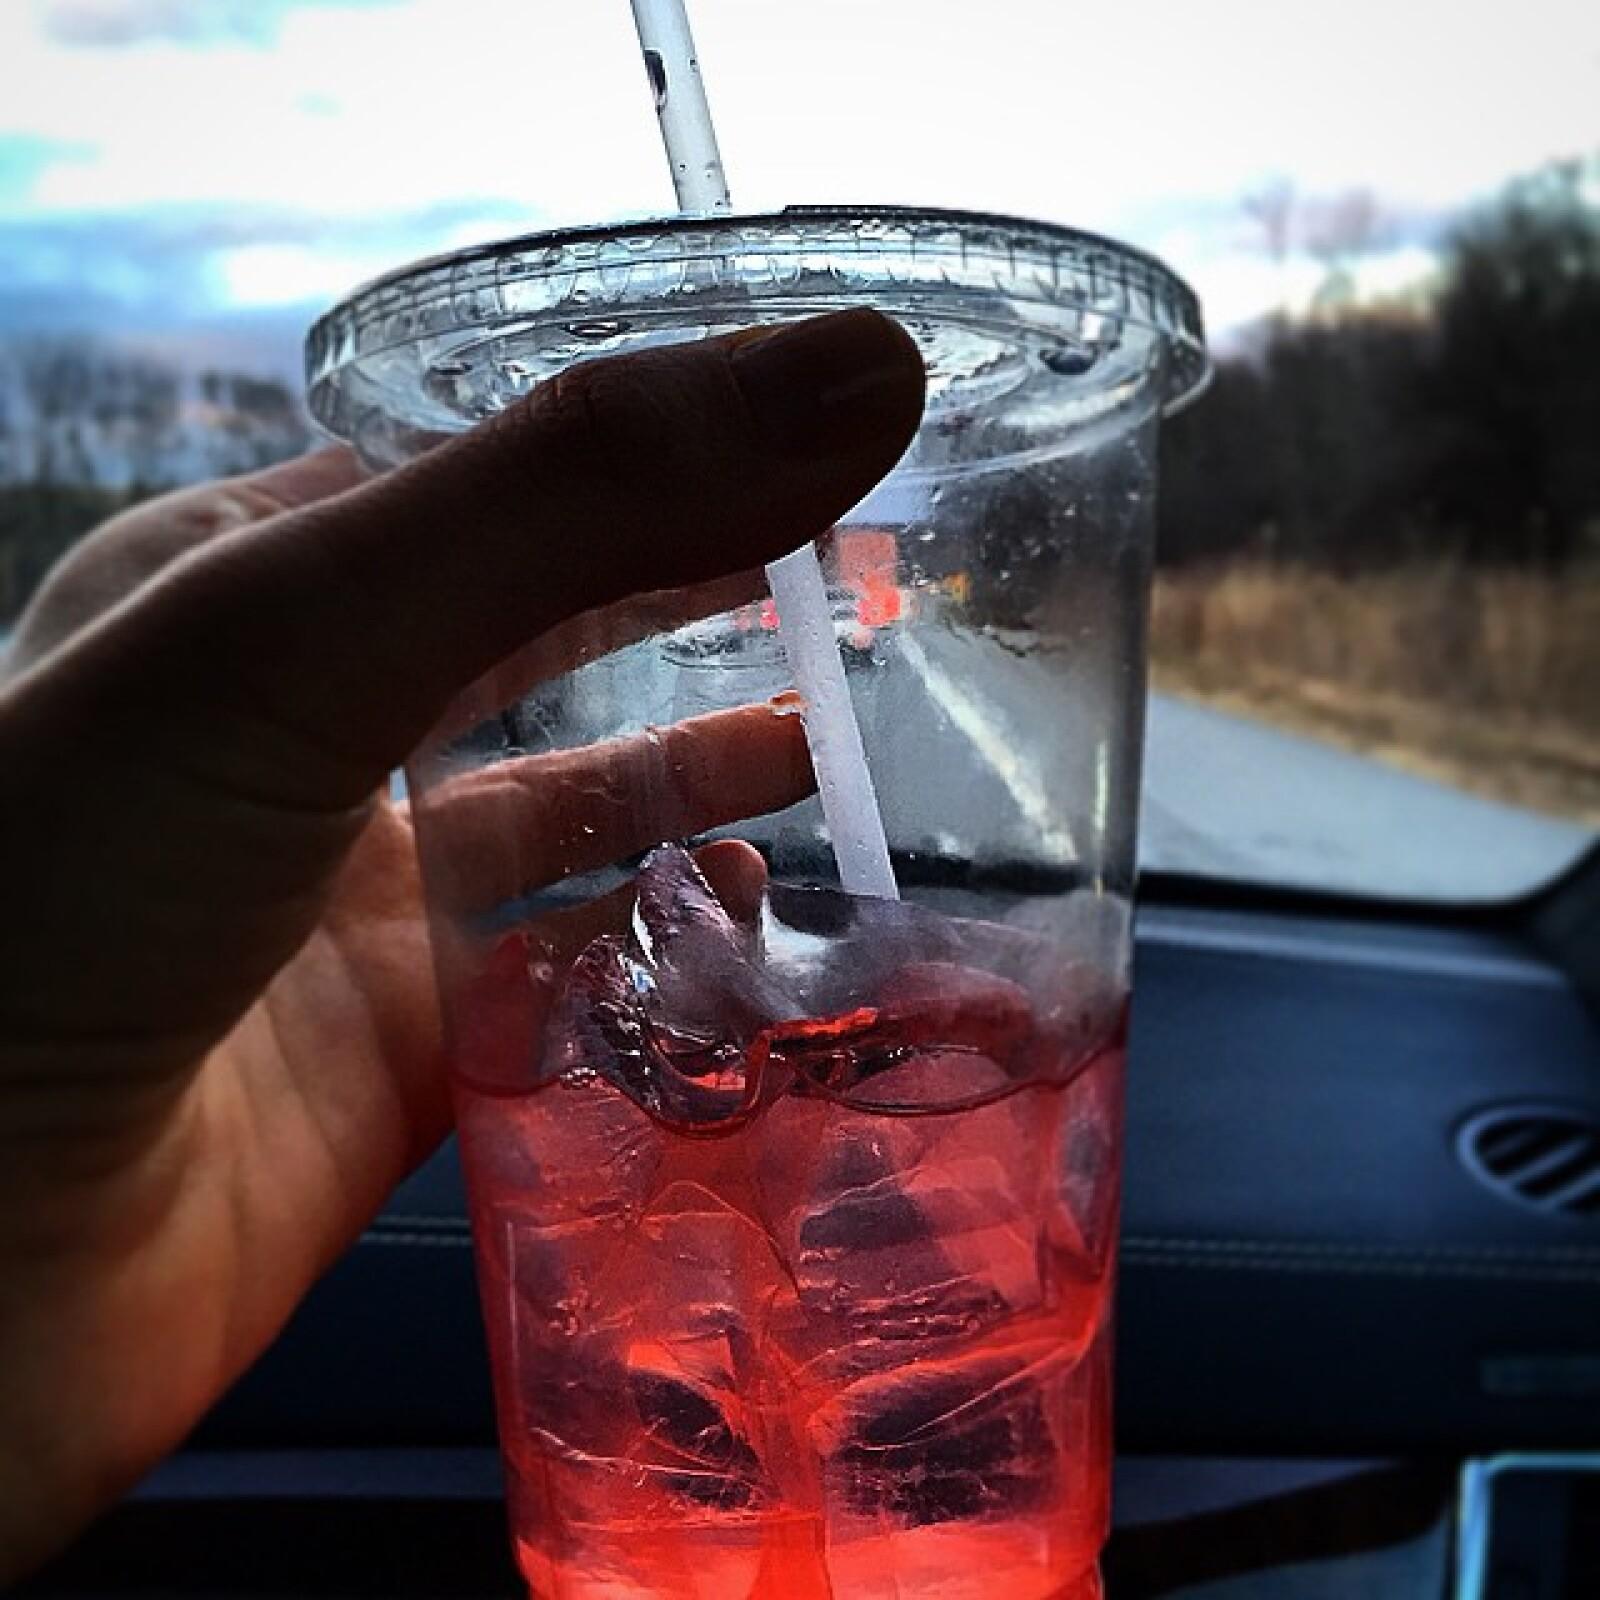 Una limonada rosa le da el toque fresco al día neoyorquino.